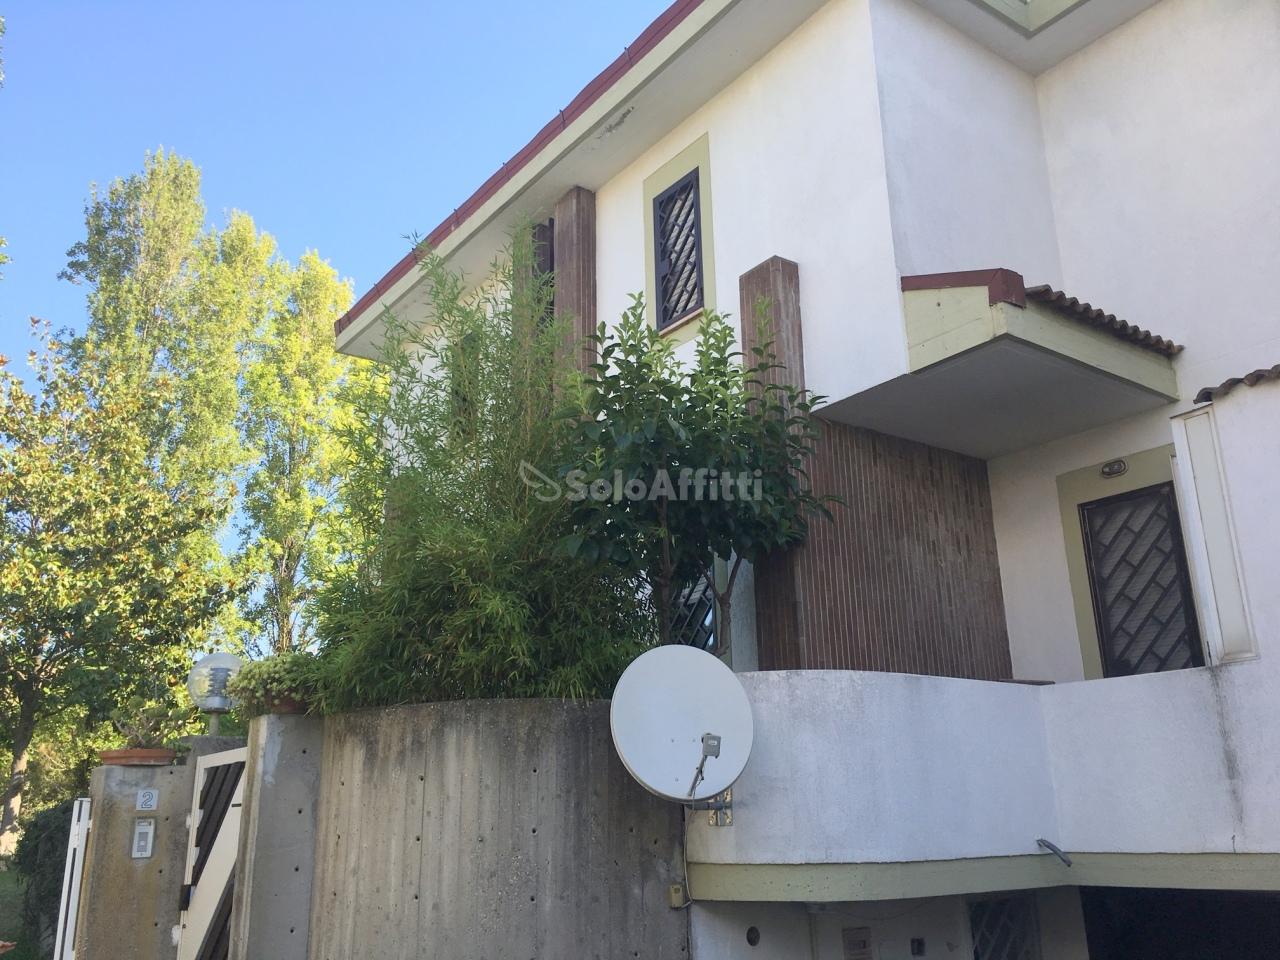 Locali commerciali in affitto a roma in zona casal for Solo affitti locali commerciali roma